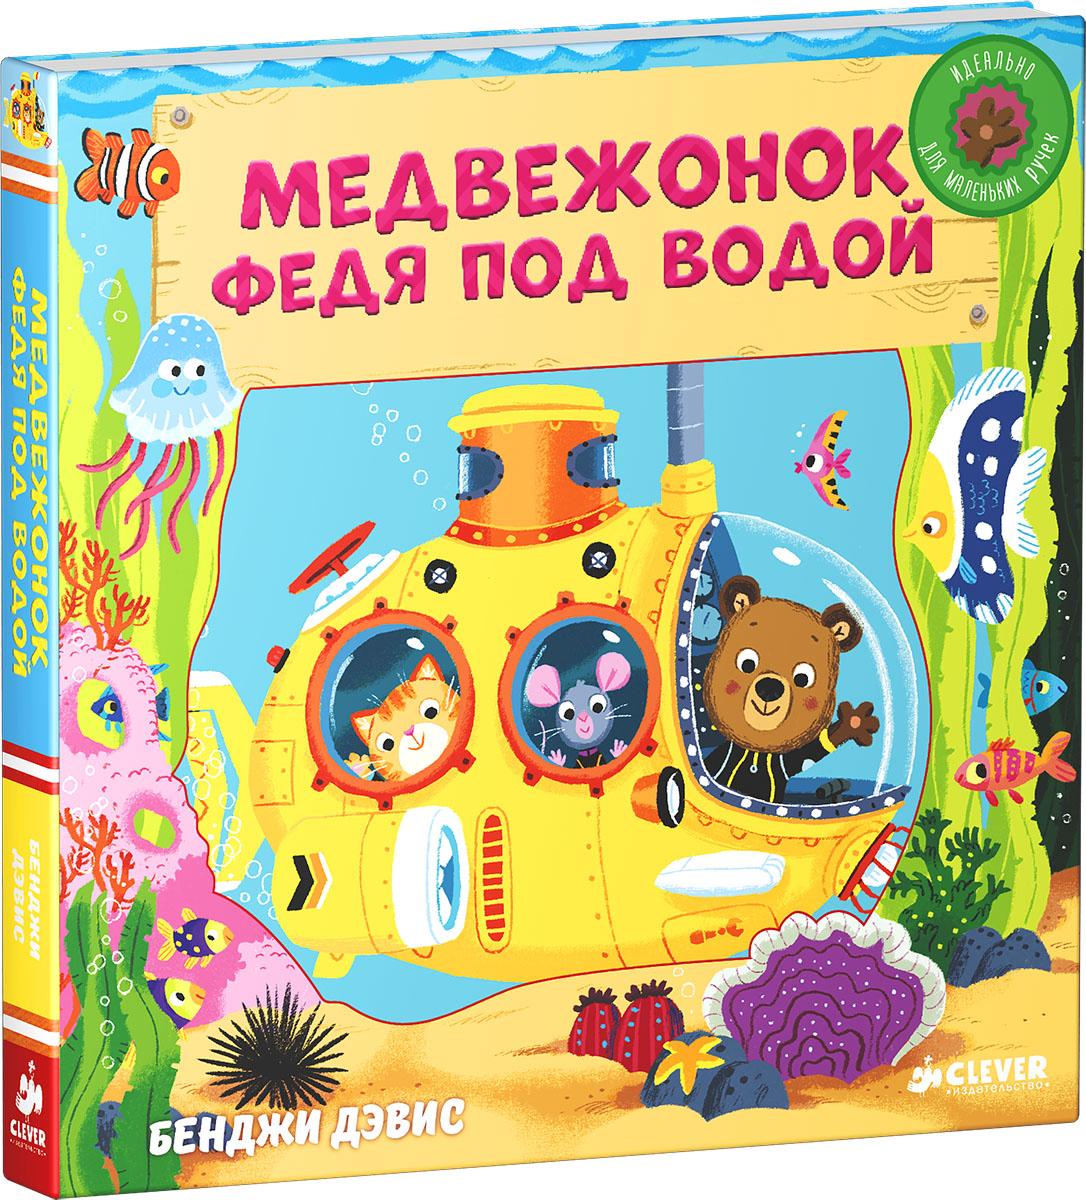 Медвежонок Федя под водой12296407Что вас ждет под обложкой: Увлекательная книжка-игрушка с движущимися элементами про медвежонка Федю, который вместе со своими друзьями осуществил погружение на морское дно. Гид для родителей: Читайте веселые стихи и выполняйте задания. Рассказывайте ребенку о морских обитателях, растениях и затонувших кораблях. Расскажите о снаряжении для аквалангистов и о том, для чего оно нужно. Обращайте внимание ребенка на разнообразие и красоту подводного мира. А яркие и красочные иллюстрации вам помогут в этом! Изюминки: Удобный формат, плотные картонные страницы с движущимися деталями. Два в одном: познавательная книга для знакомства с окружающим миром и игра для развития мелкой моторики и внимания. Возраст: от 1 года до 3 лет. Книги данной линейки более 20 лет популярны в Европе!